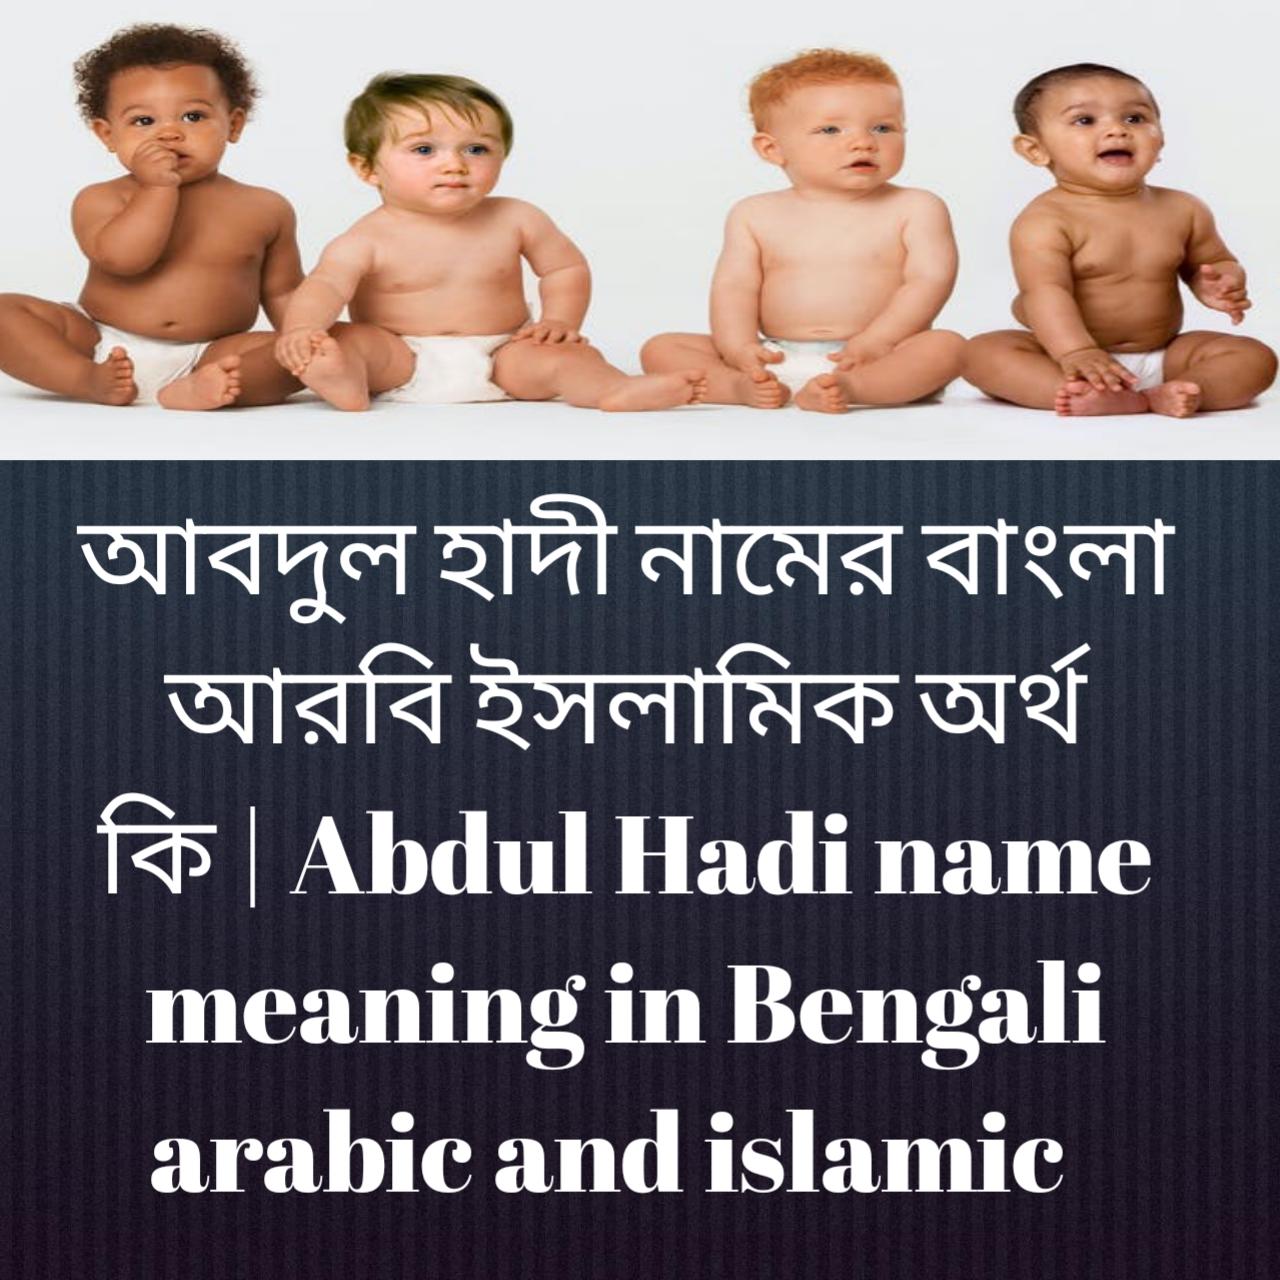 আবদুল হাদী নামের অর্থ কি, আবদুল হাদী নামের বাংলা অর্থ কি, আবদুল হাদী নামের ইসলামিক অর্থ কি, Abdul Hadi name meaning in Bengali, আবদুল হাদী কি ইসলামিক নাম,